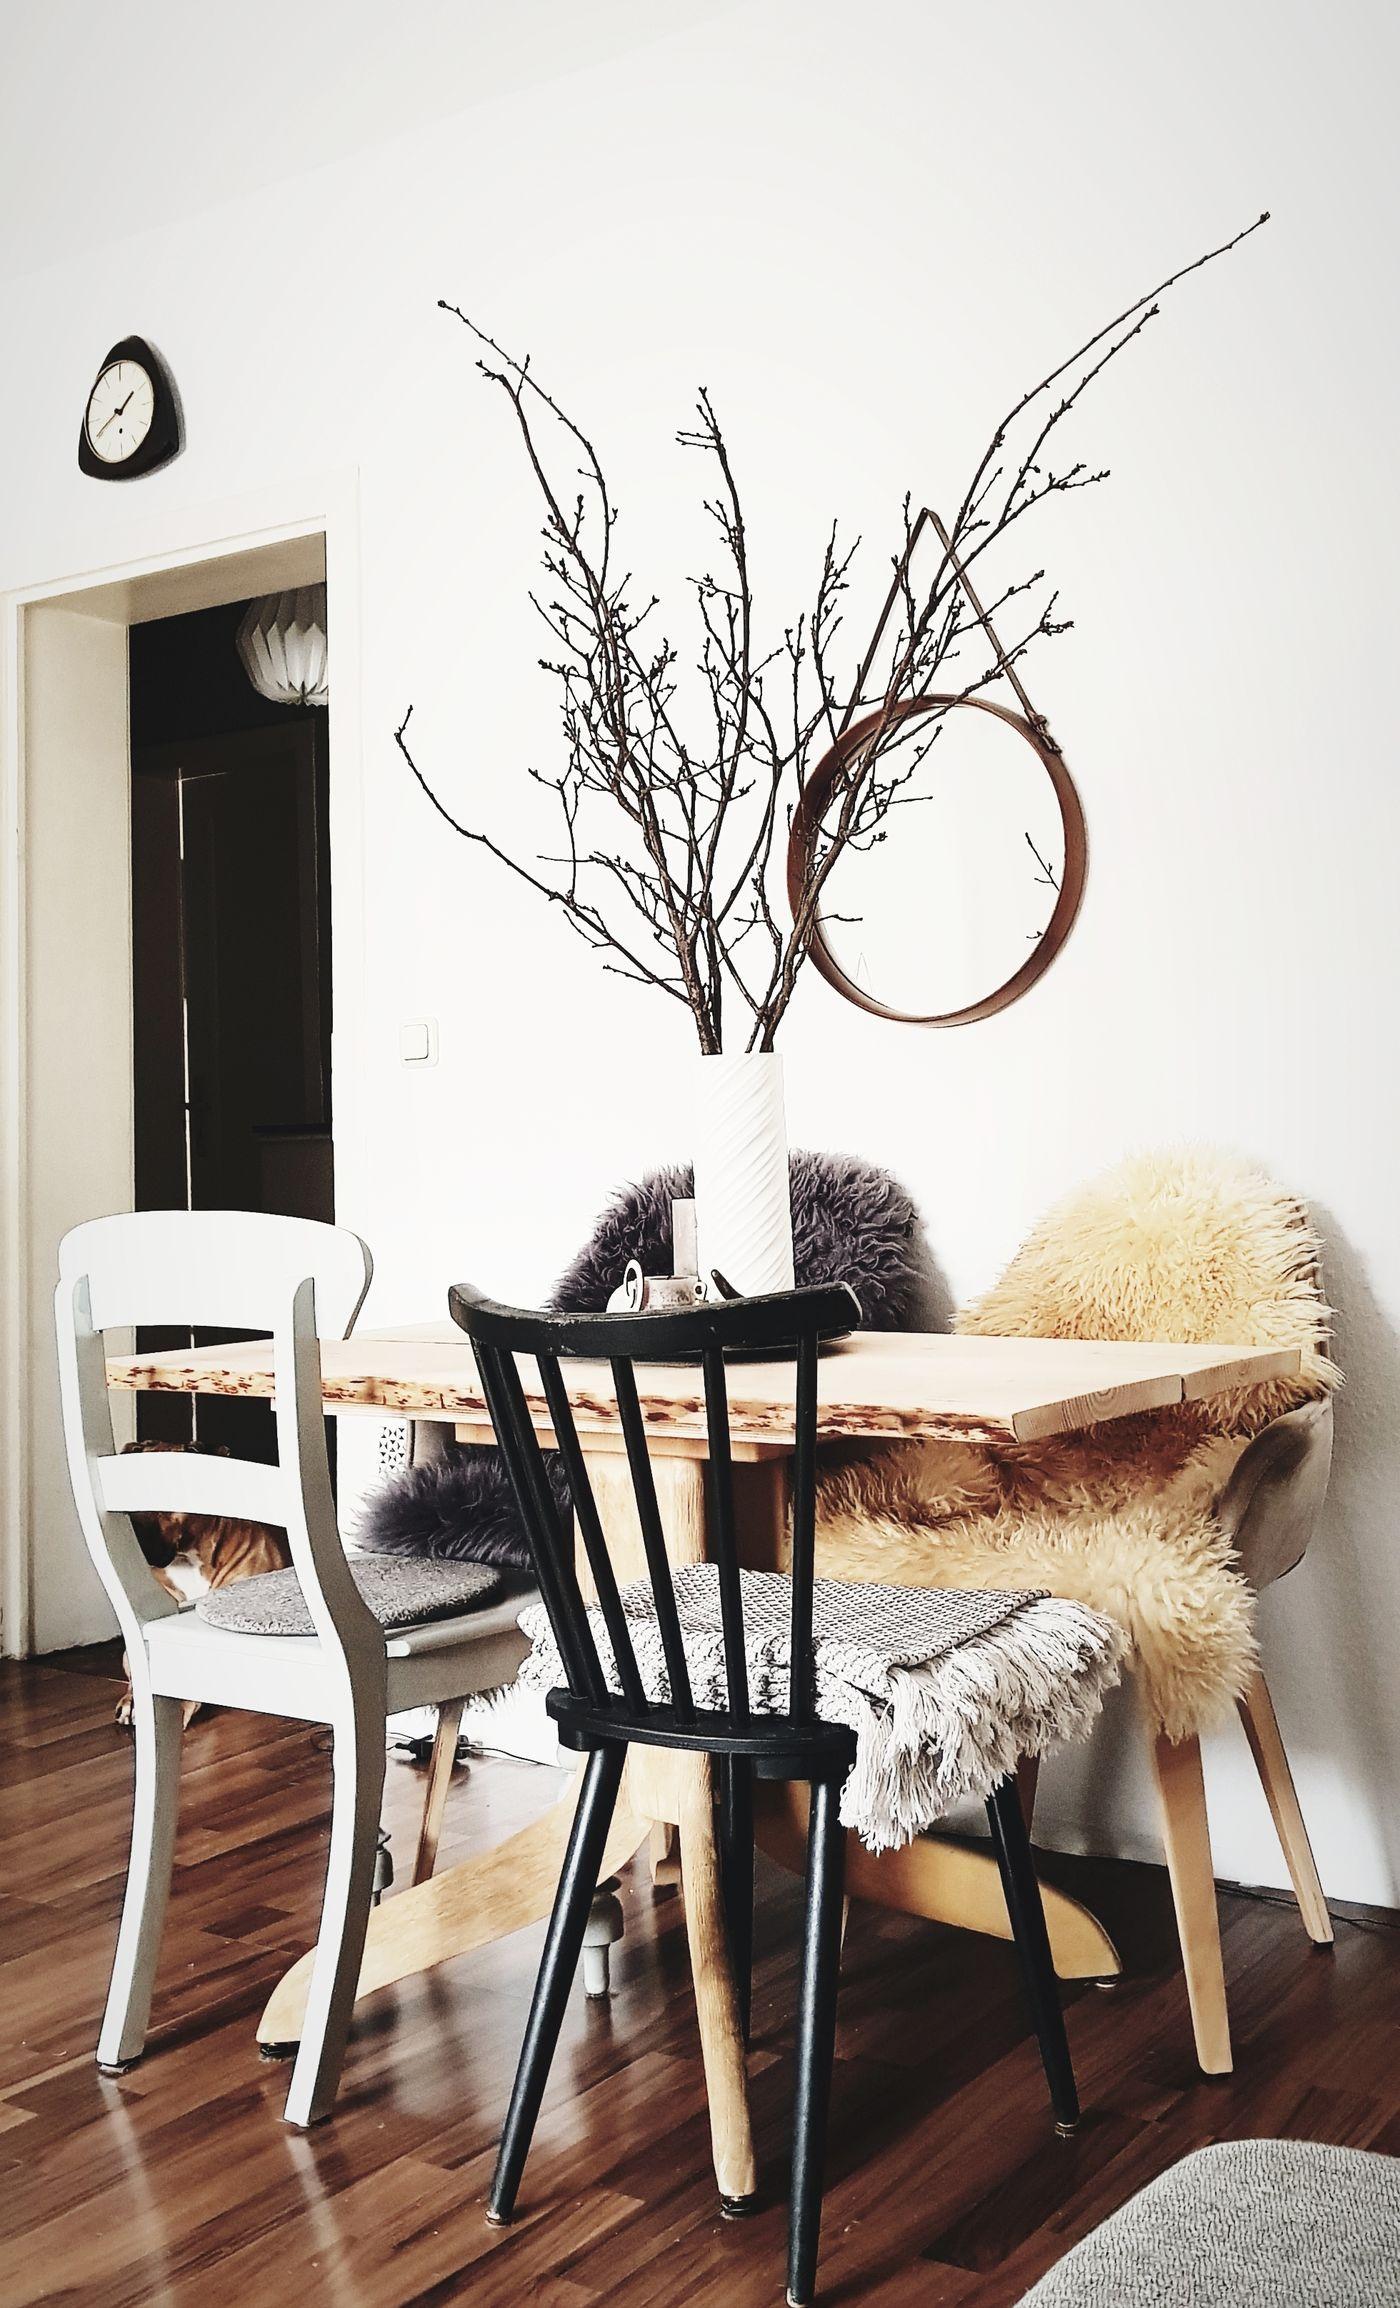 Möbel Aus ästen Selber Bauen tische selber bauen die besten tipps und ideen seite 3